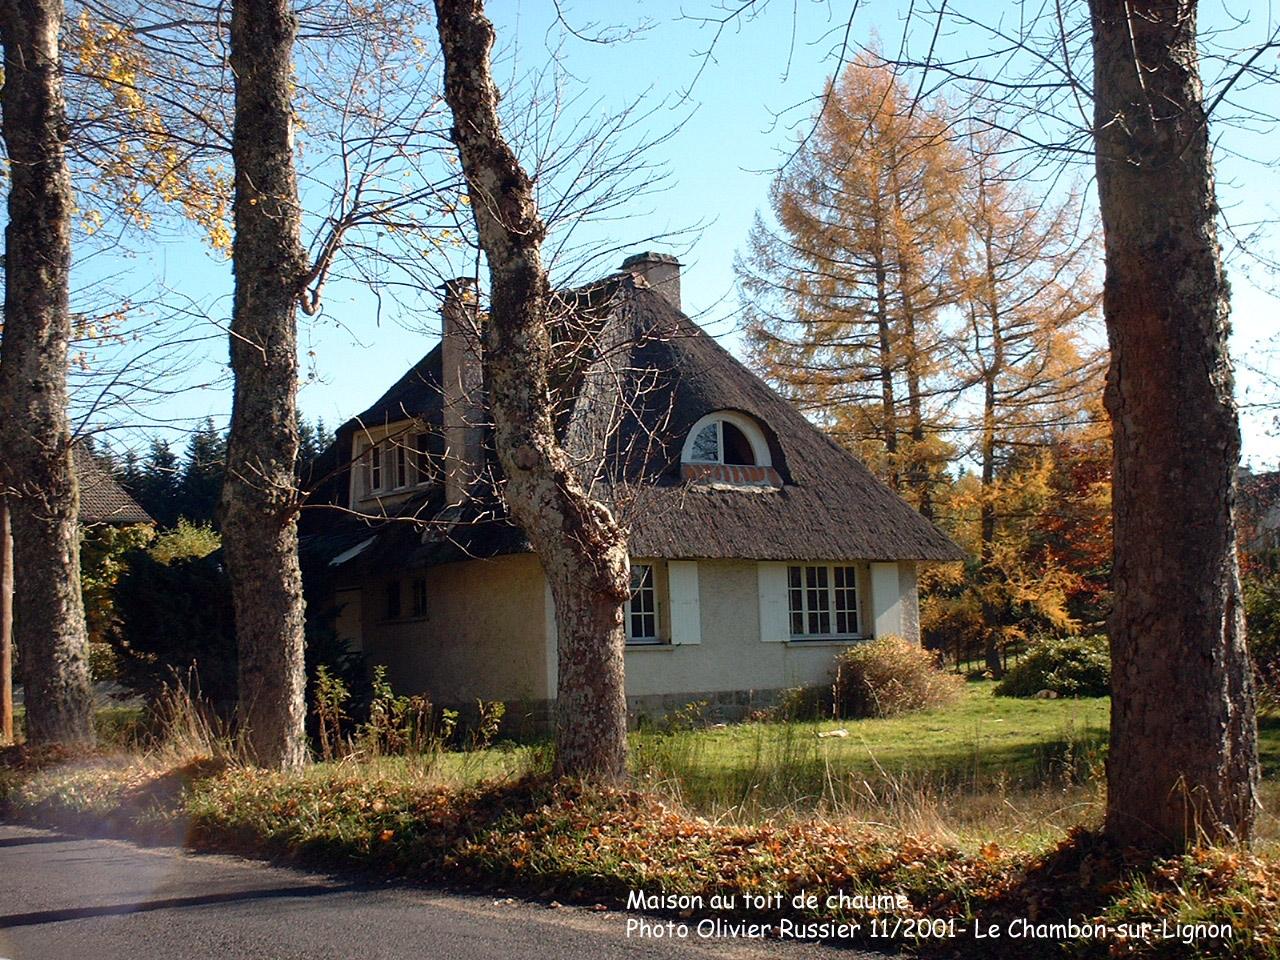 photos du chambon sur lignon With maison toit de chaume 12 photos du chambon sur lignon